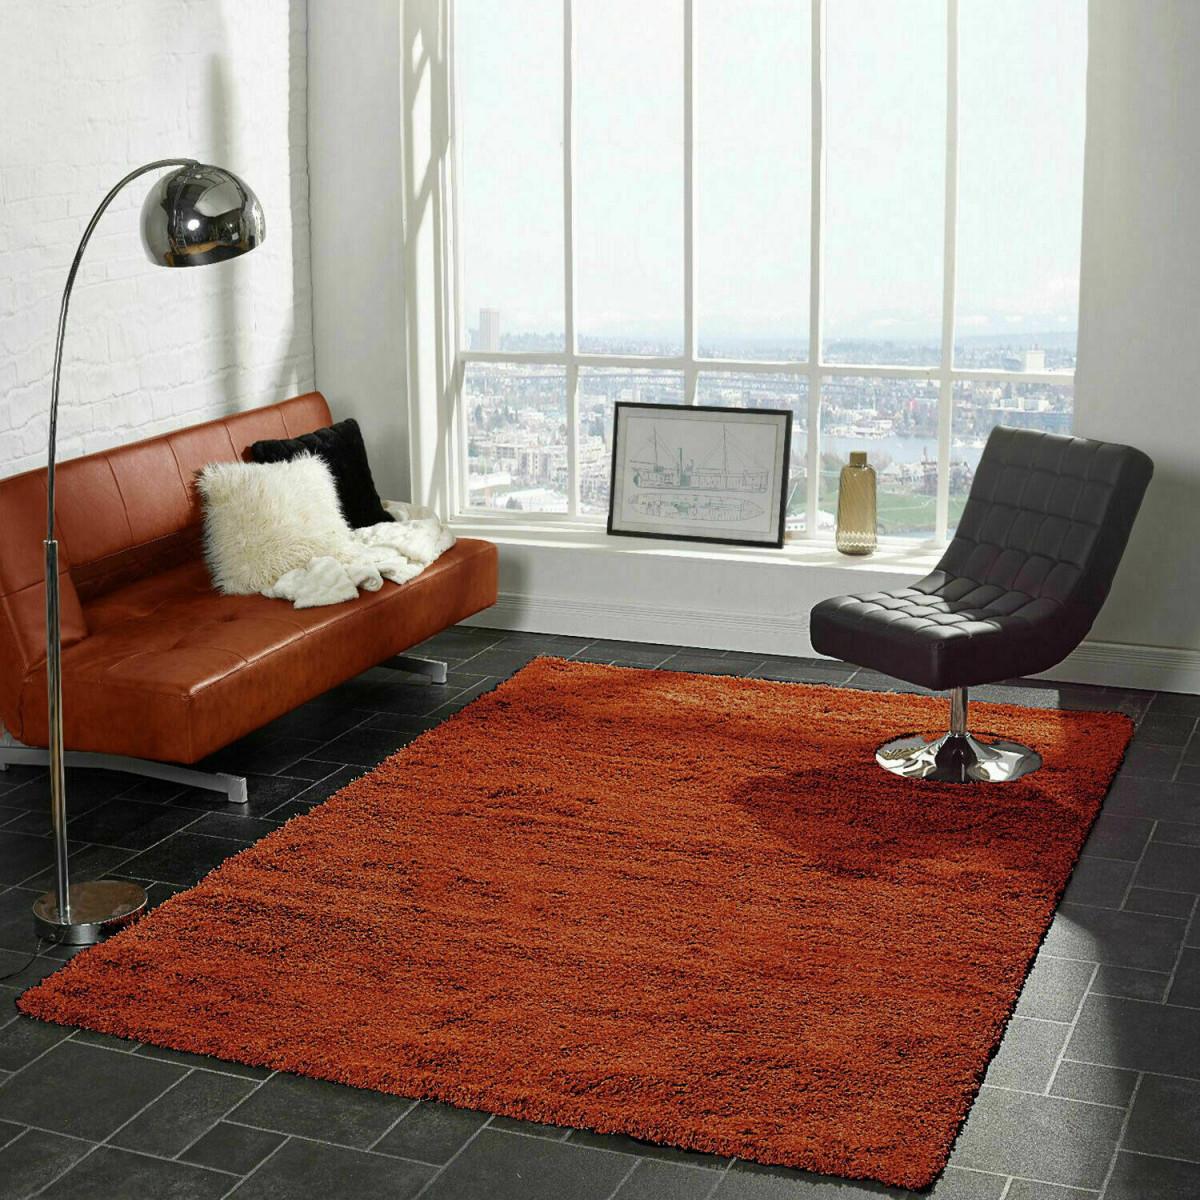 Wohnzimmer Teppich Rund Modern – Caseconrad von Teppich Wohnzimmer Rund Photo